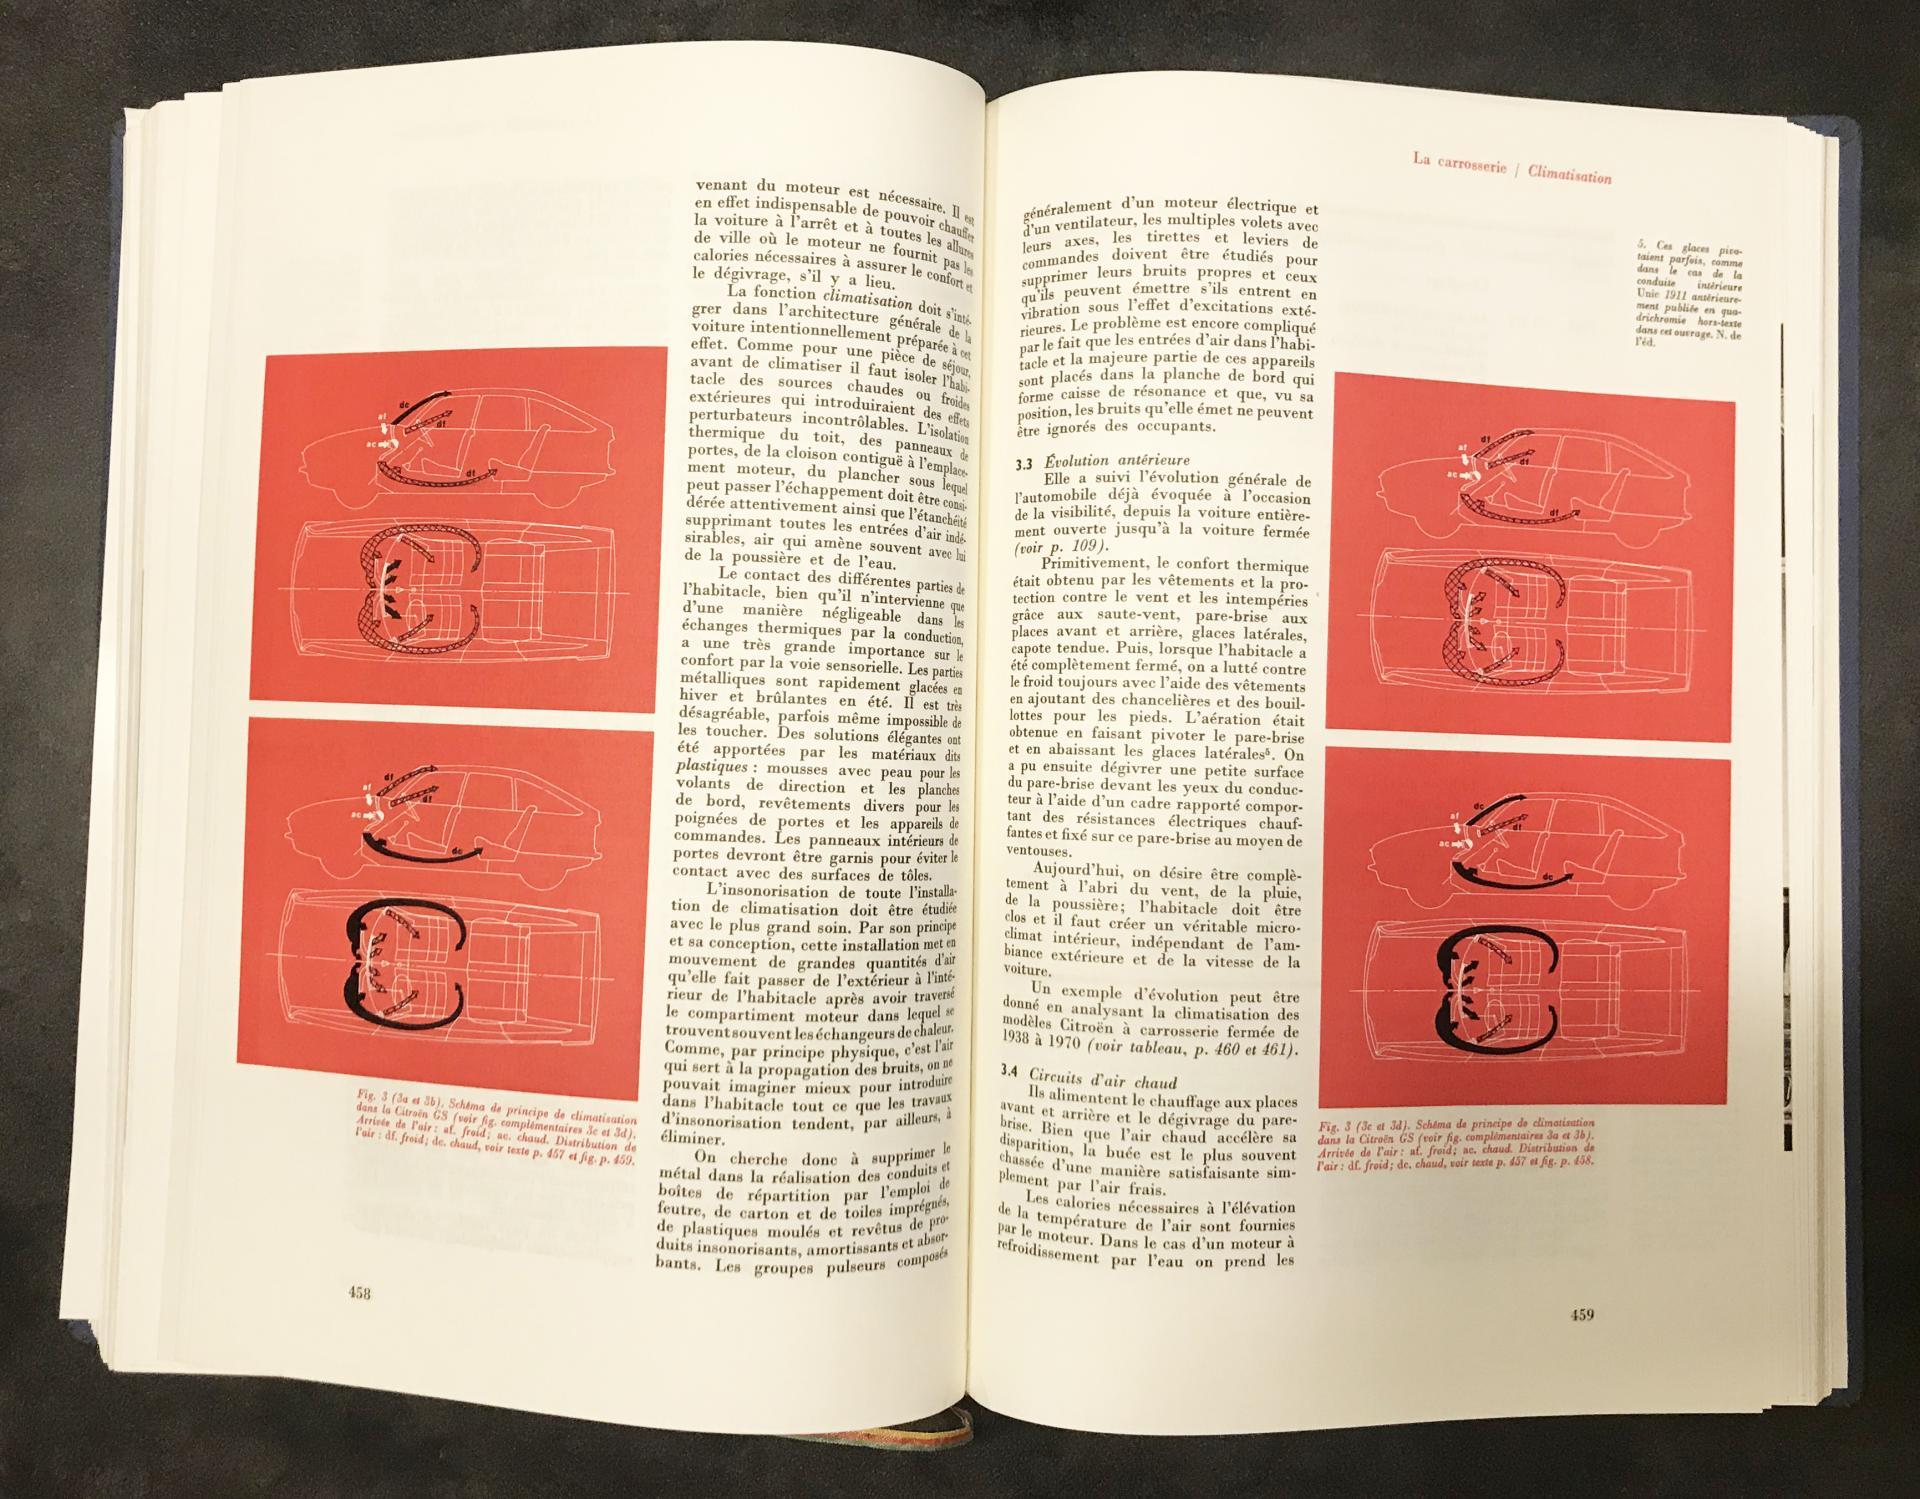 1971 Climatisation Citroën DS dans l'encyclopédie